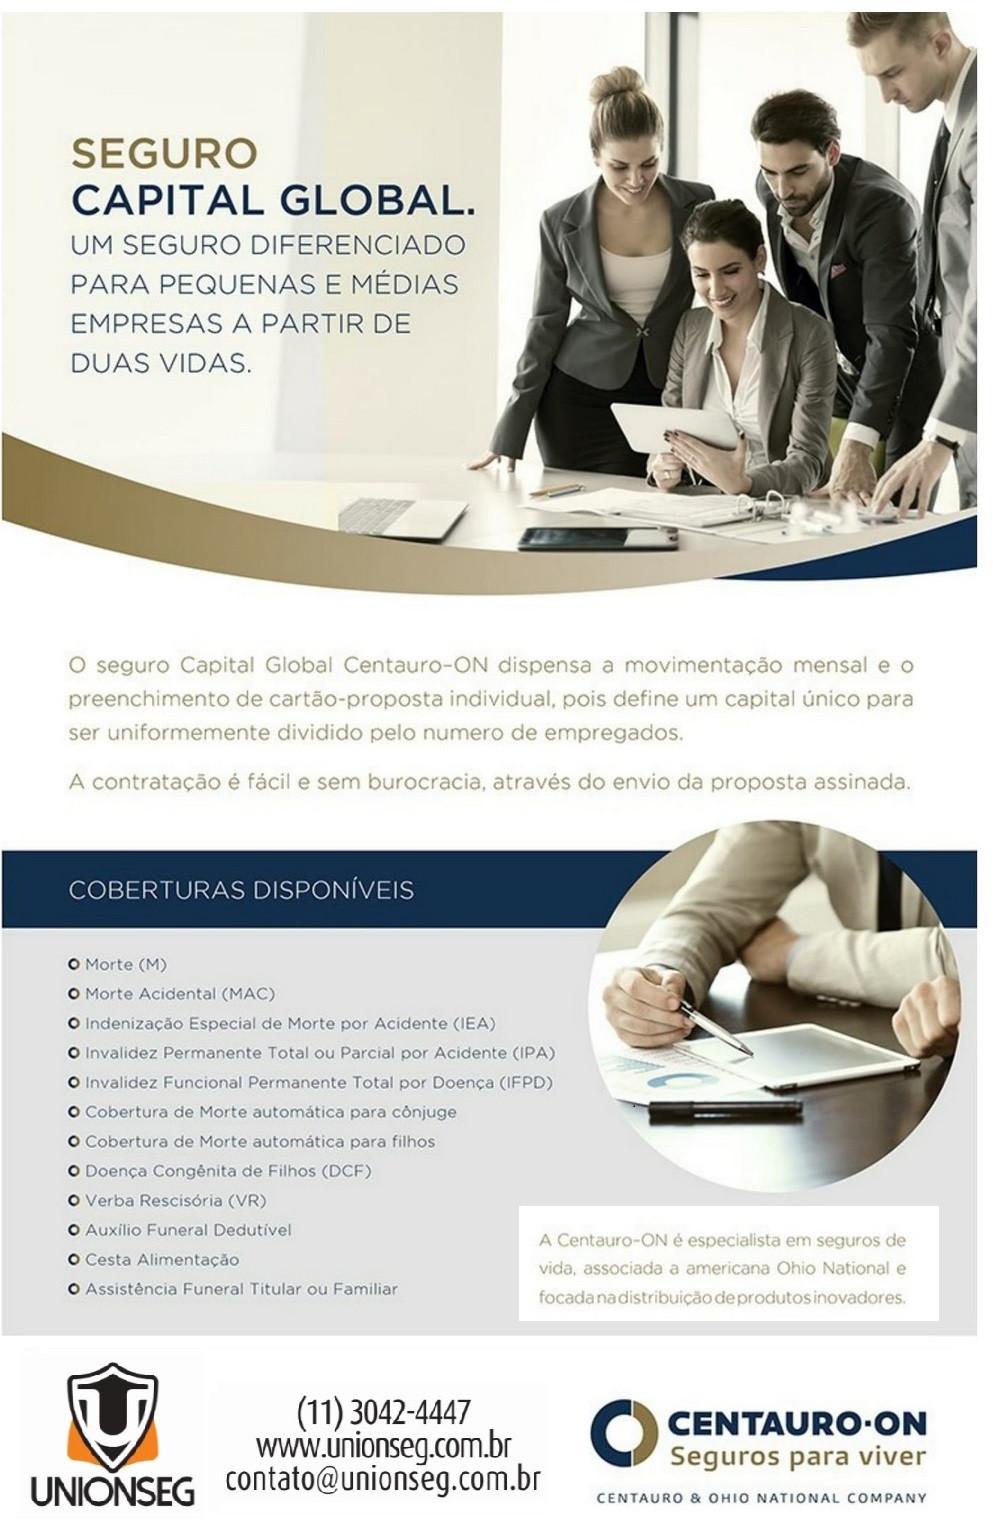 Centauro-ON, Capital Global, Seguro de Vida Empresarial, Seguro de Vida PME,  Acidentes Pessoais, Vida em Grupo, Seguro para Profissionais, Unionseg, Corretora de Seguros